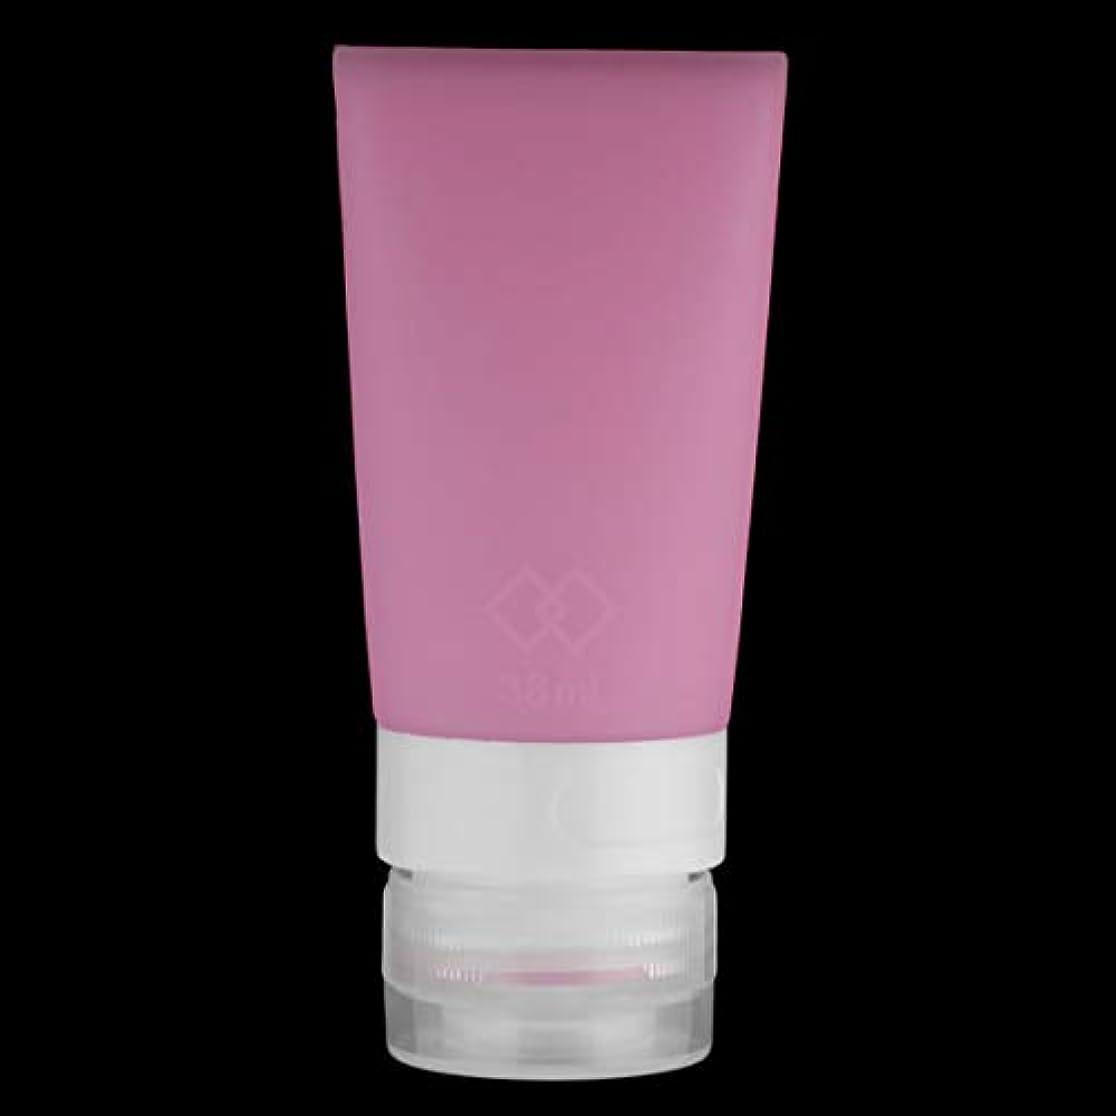 実り多いストロークカーペットIntercoreyポータブル旅行空のボトルクリームローション化粧品チューブ香水容器